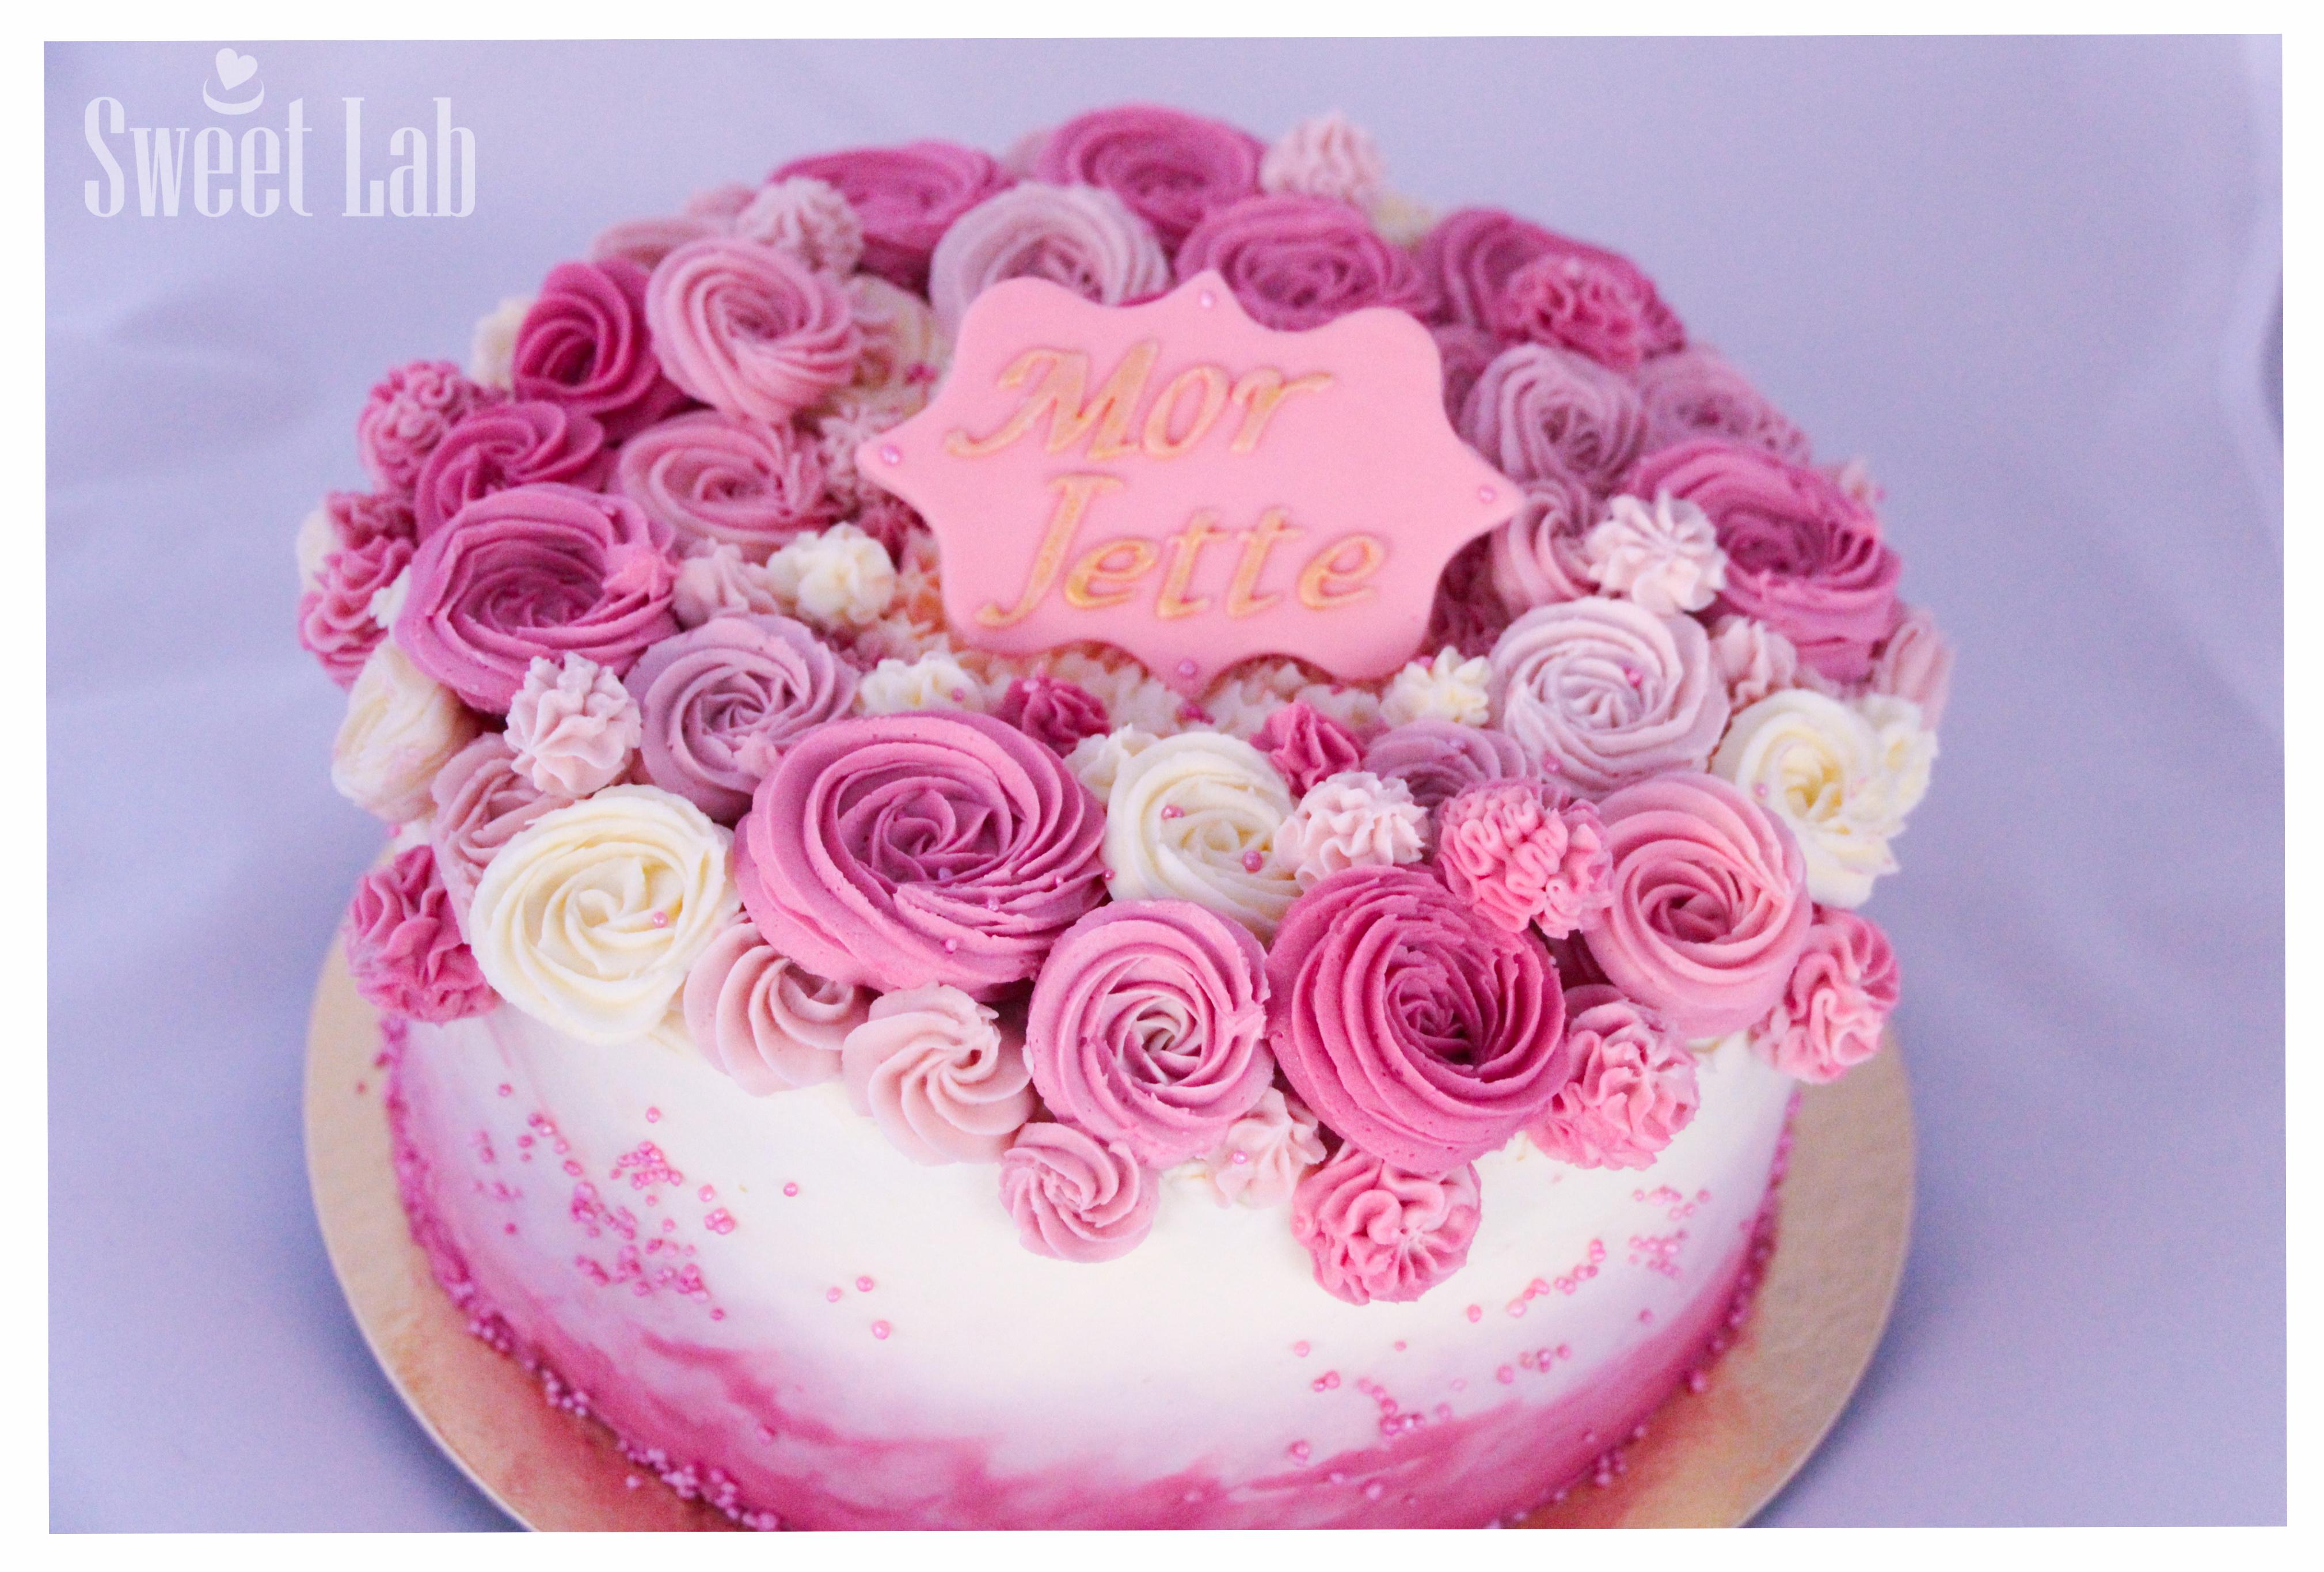 mors kage